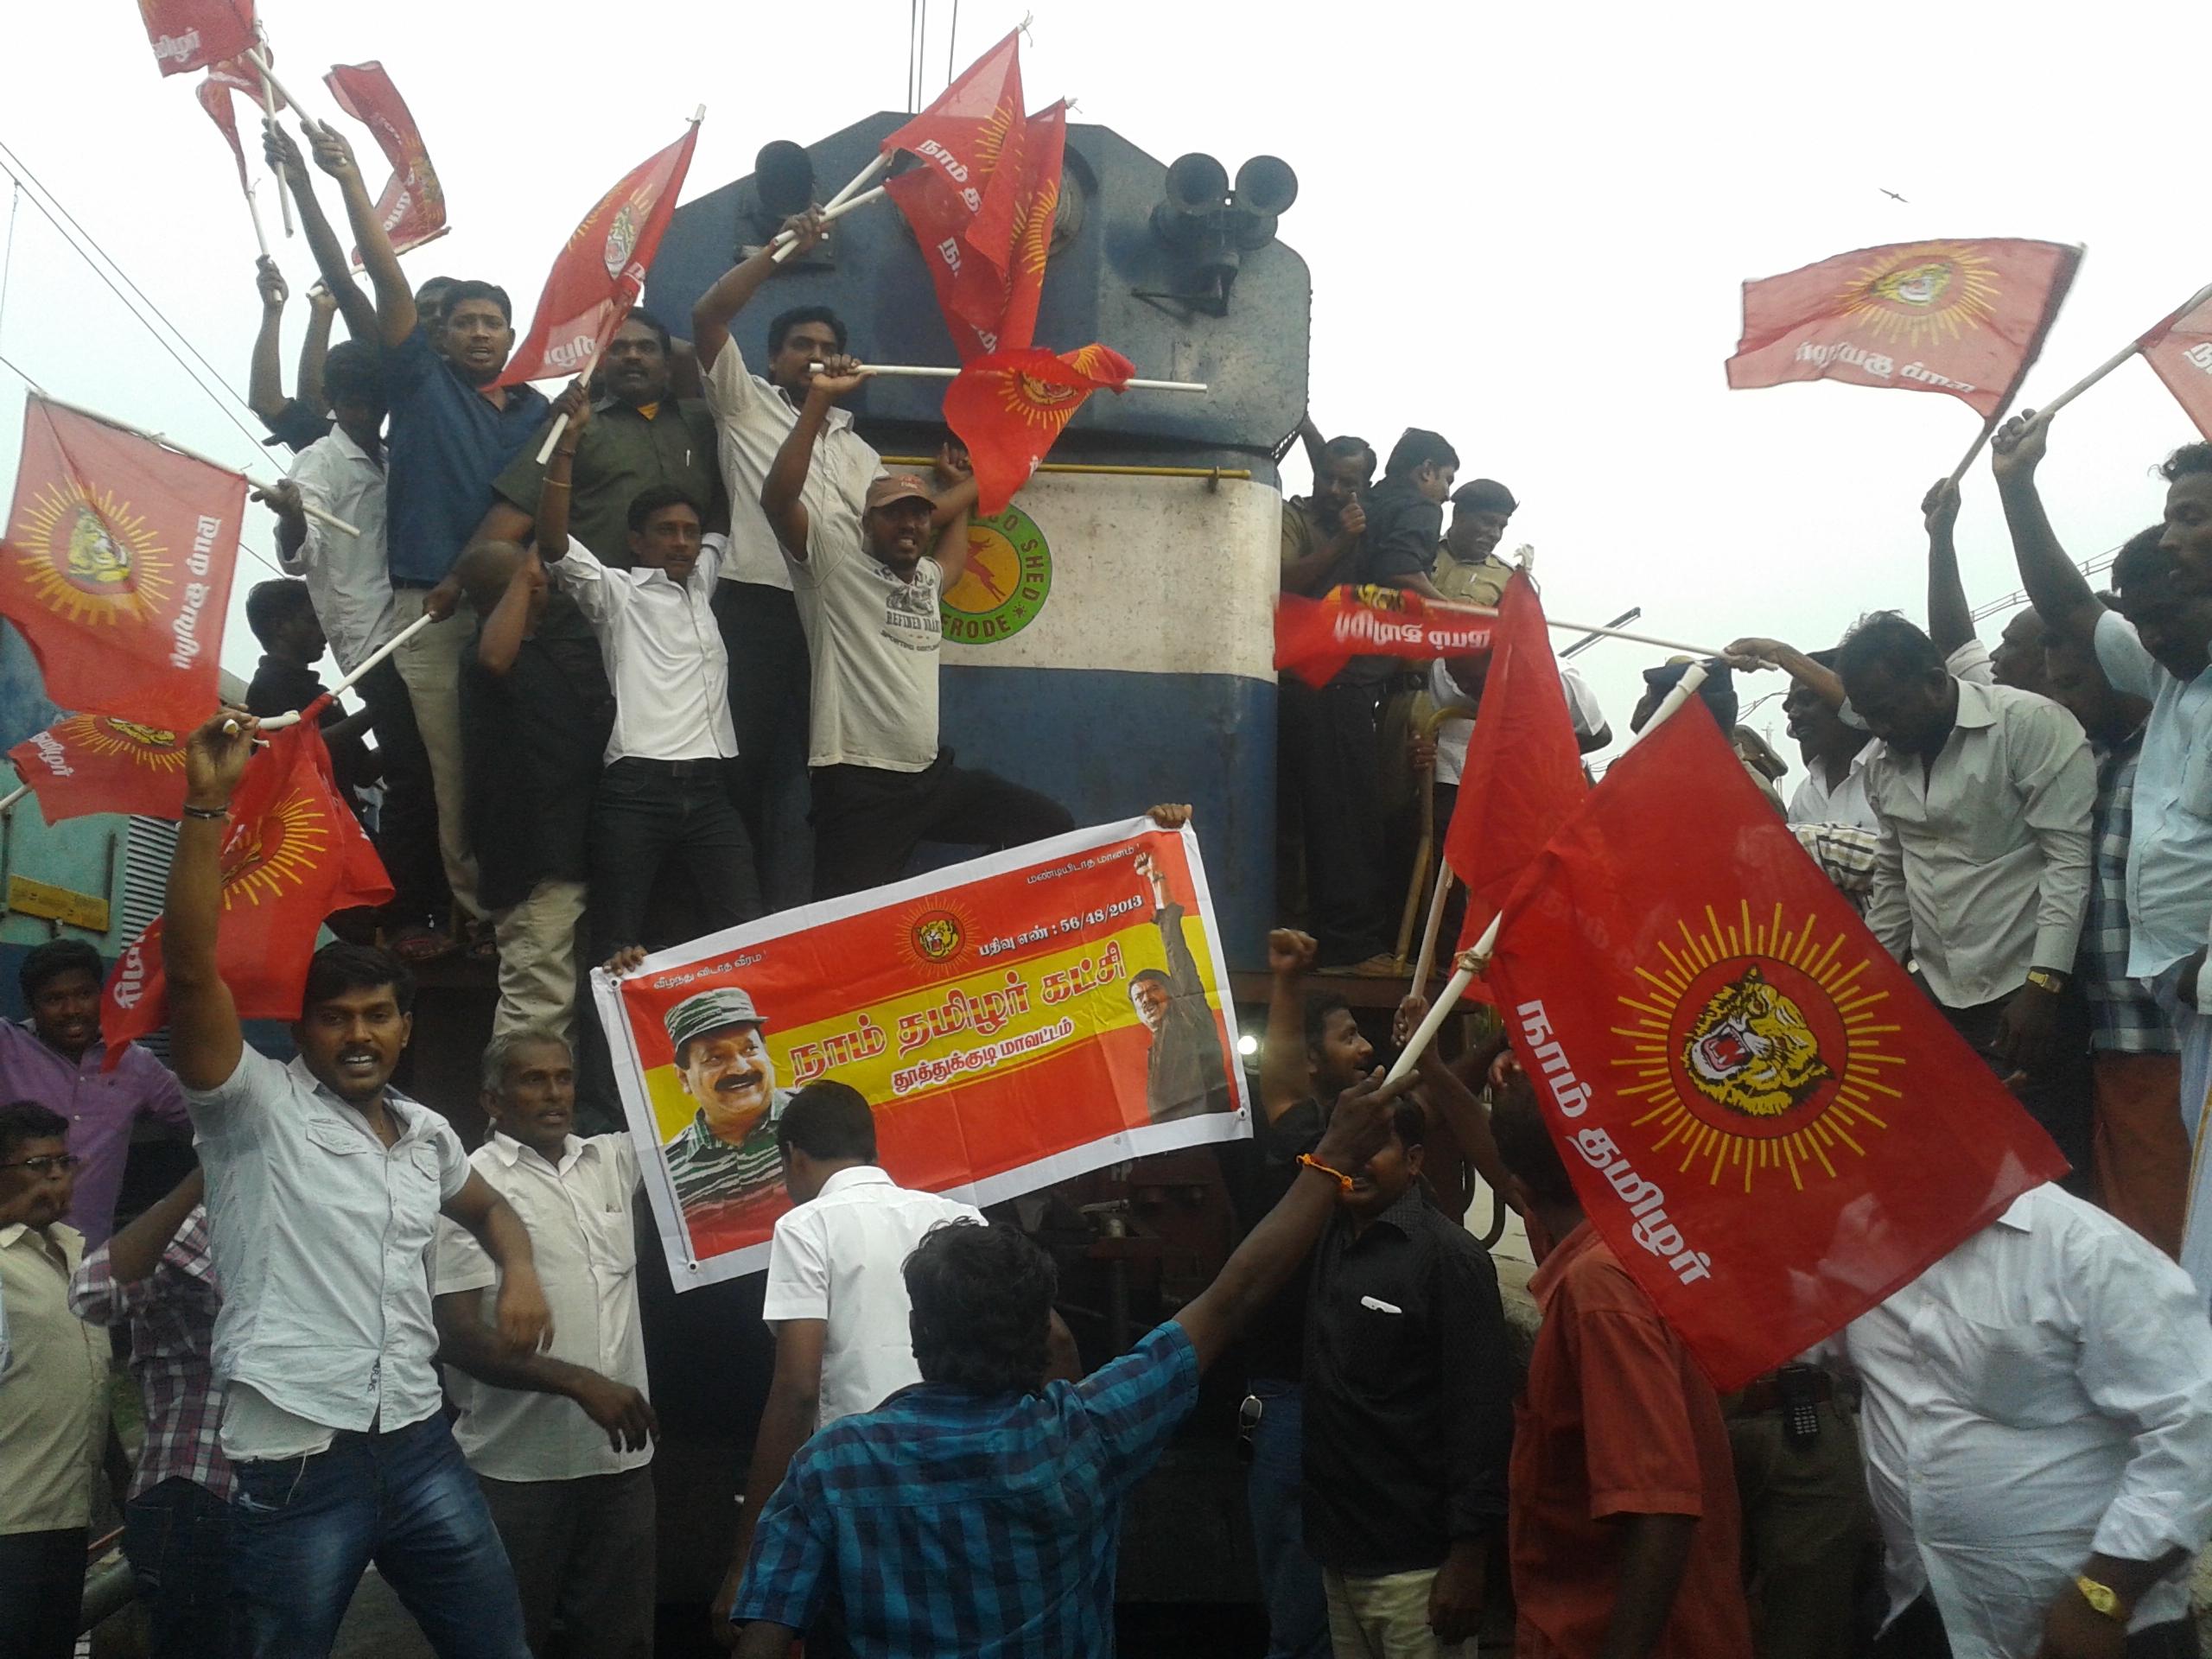 தூத்துக்குடி ரயில் மறியல் போராட்டம் நடைபெற்றது 20131112 162002